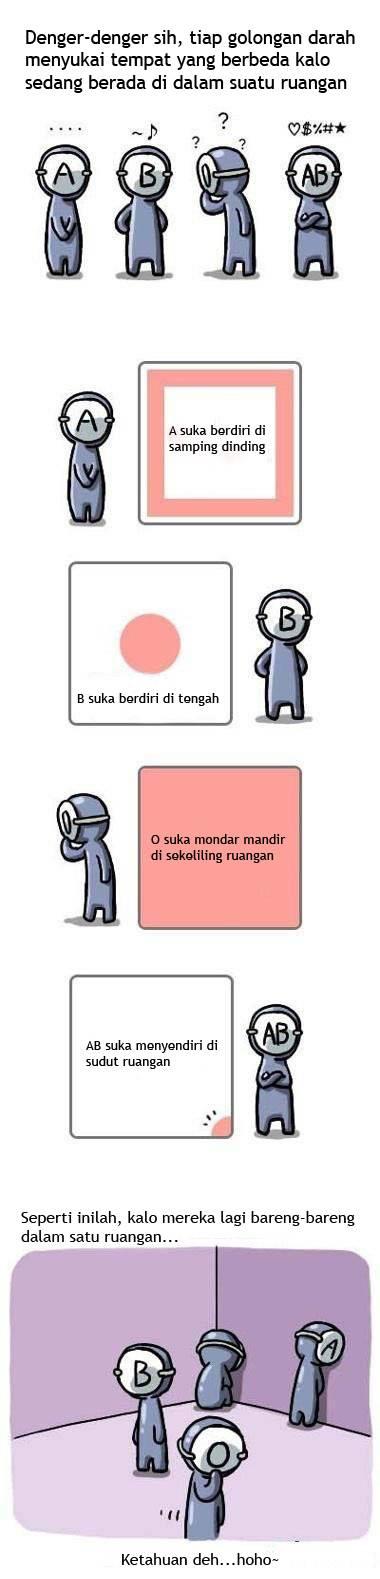 komik golongan darah 2